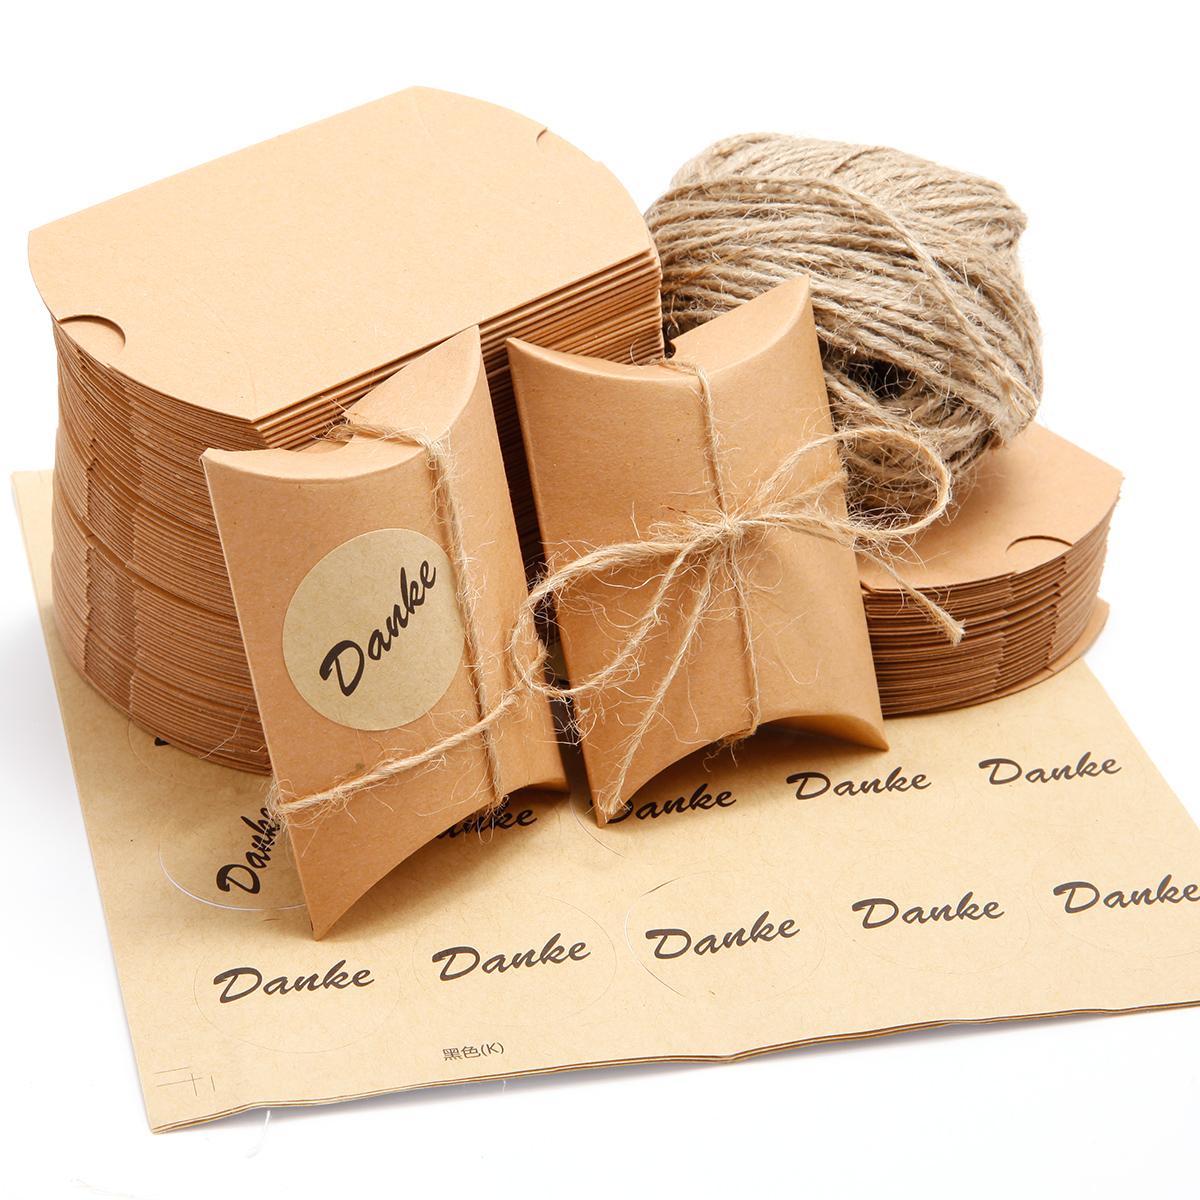 100 tlg Bonboniere Süßigkeiten Geschenkbox Geschenkschachtel für Hochzeit Taufe